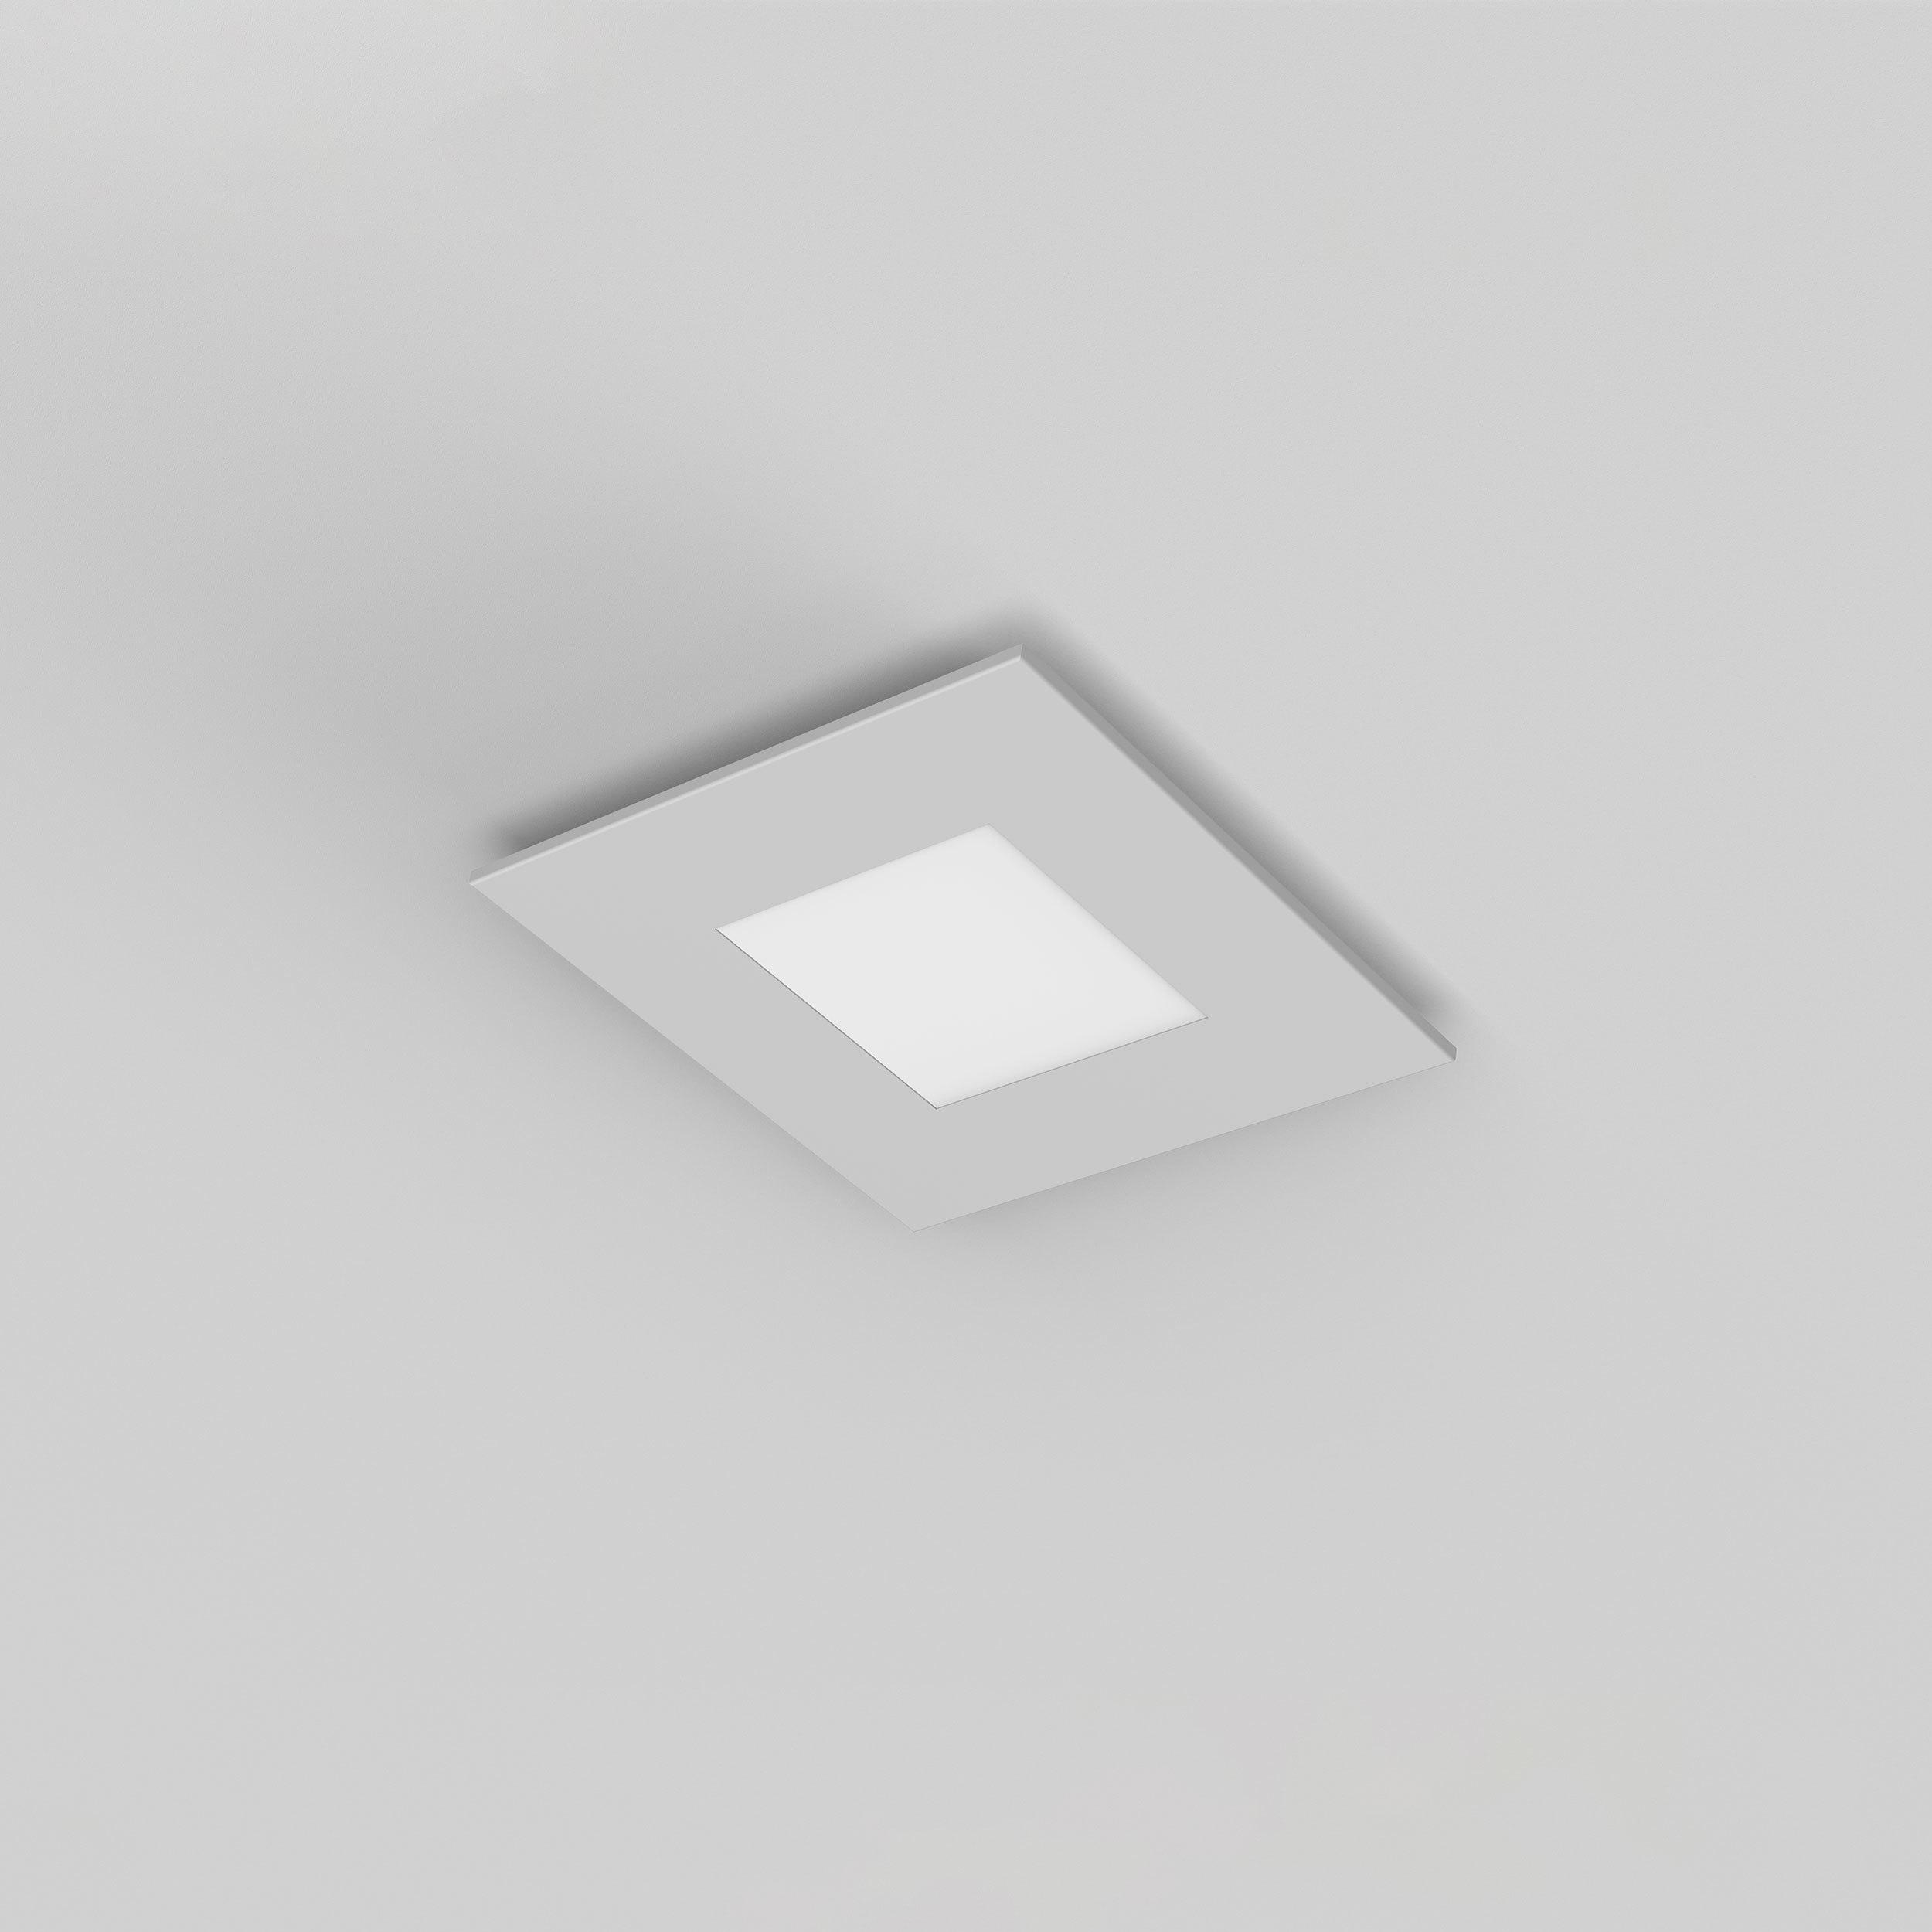 Потолочный светодиодный светильник Astro Zero 1382001 (7419), LED 15,4W 2700K 806.6lm CRI>80, белый, металл со стеклом/пластиком, пластик - фото 3